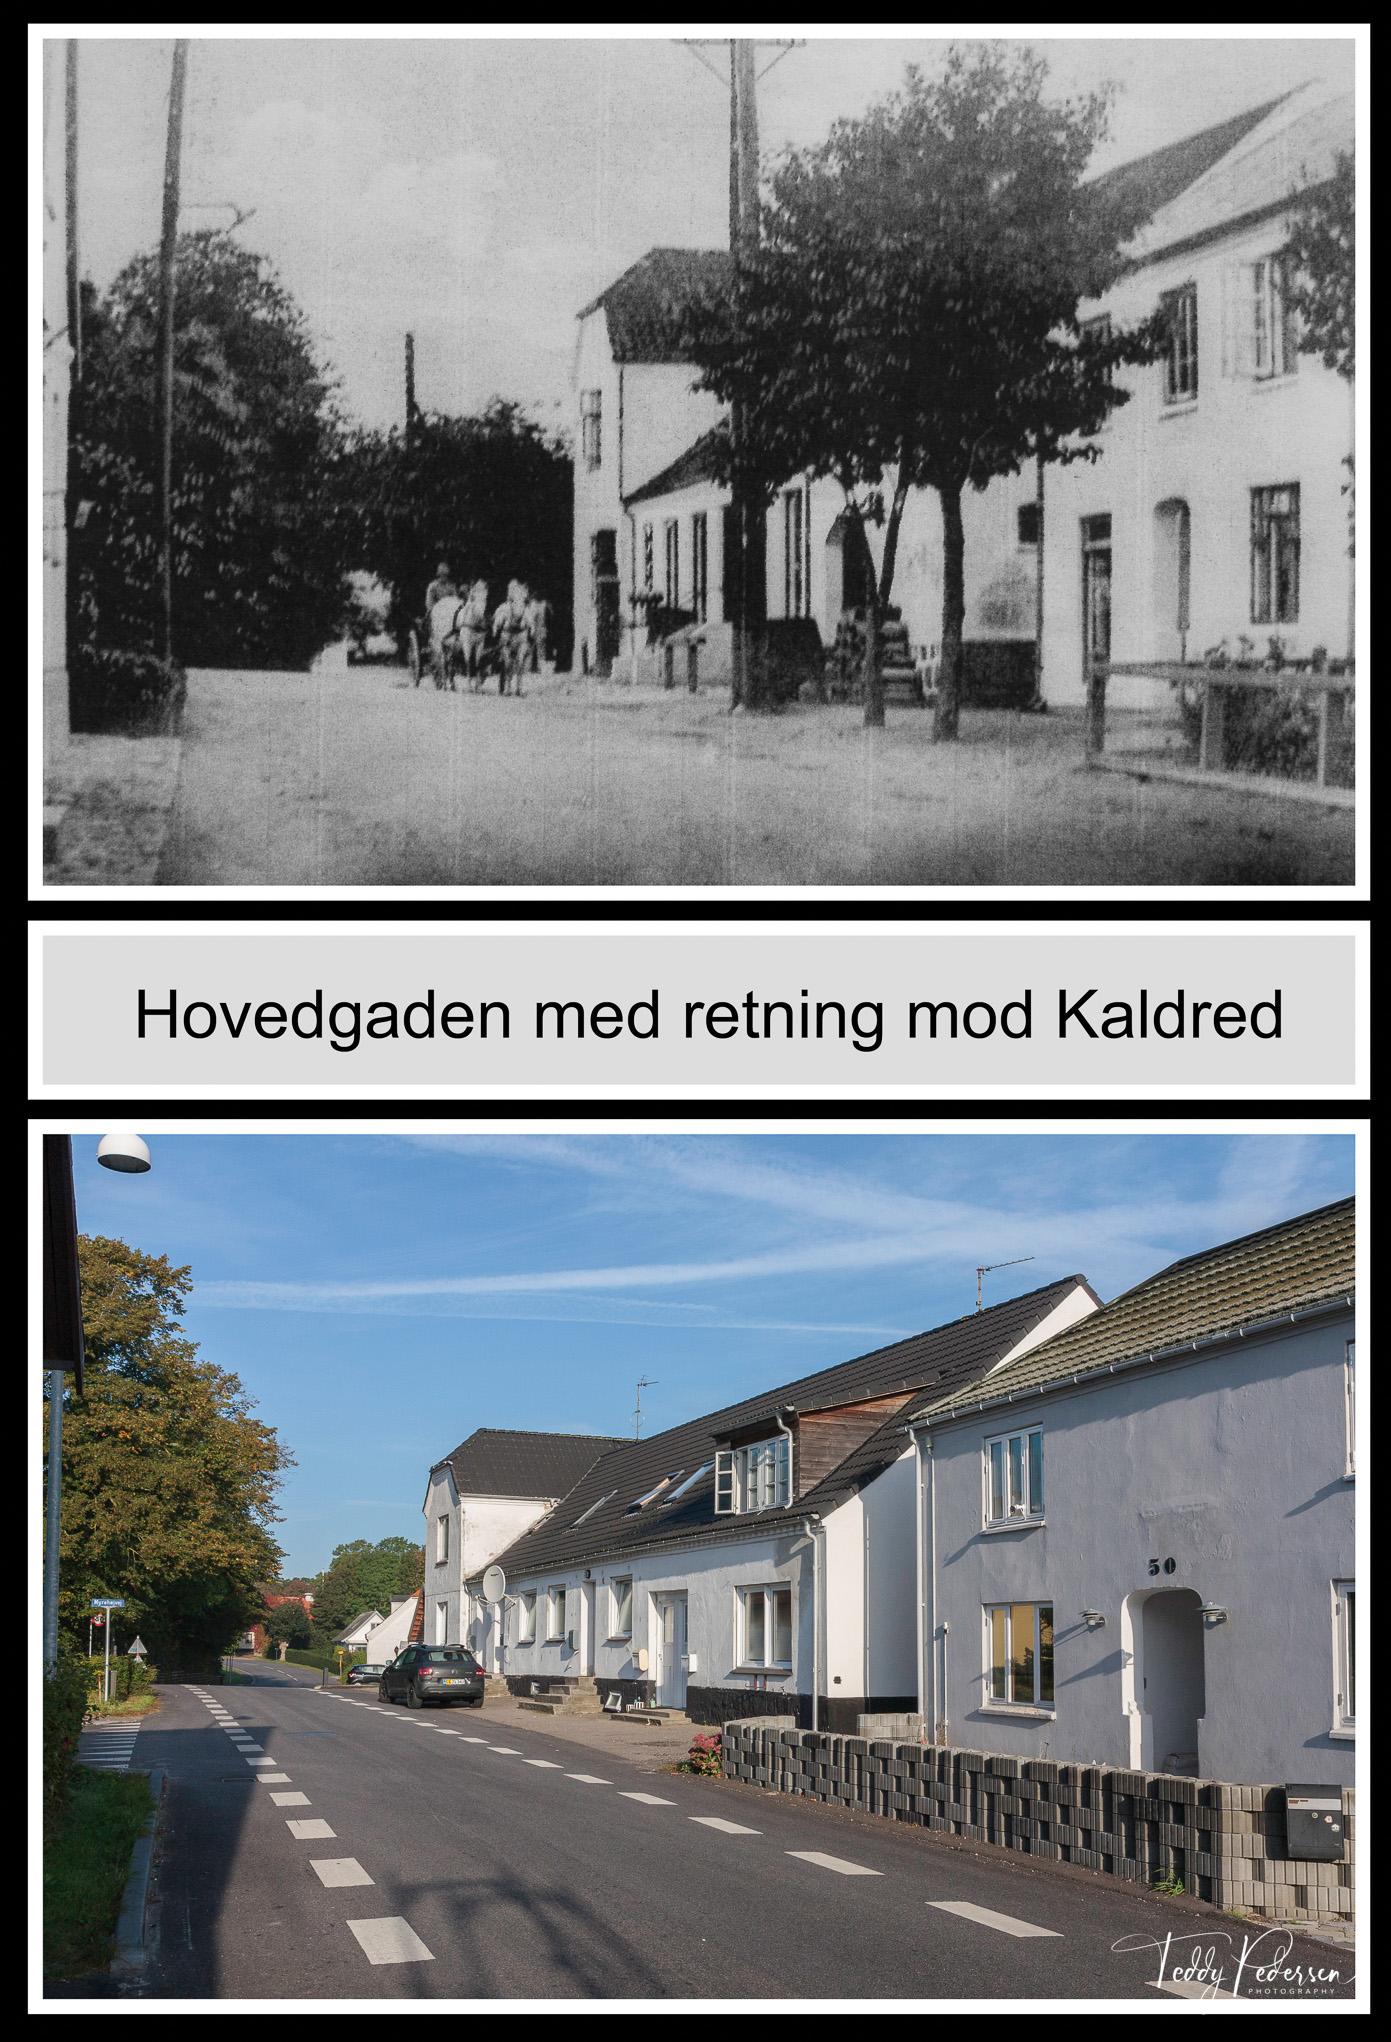 016-024B-Hovedgaden-mod-kaldred_HighRes_LowRes